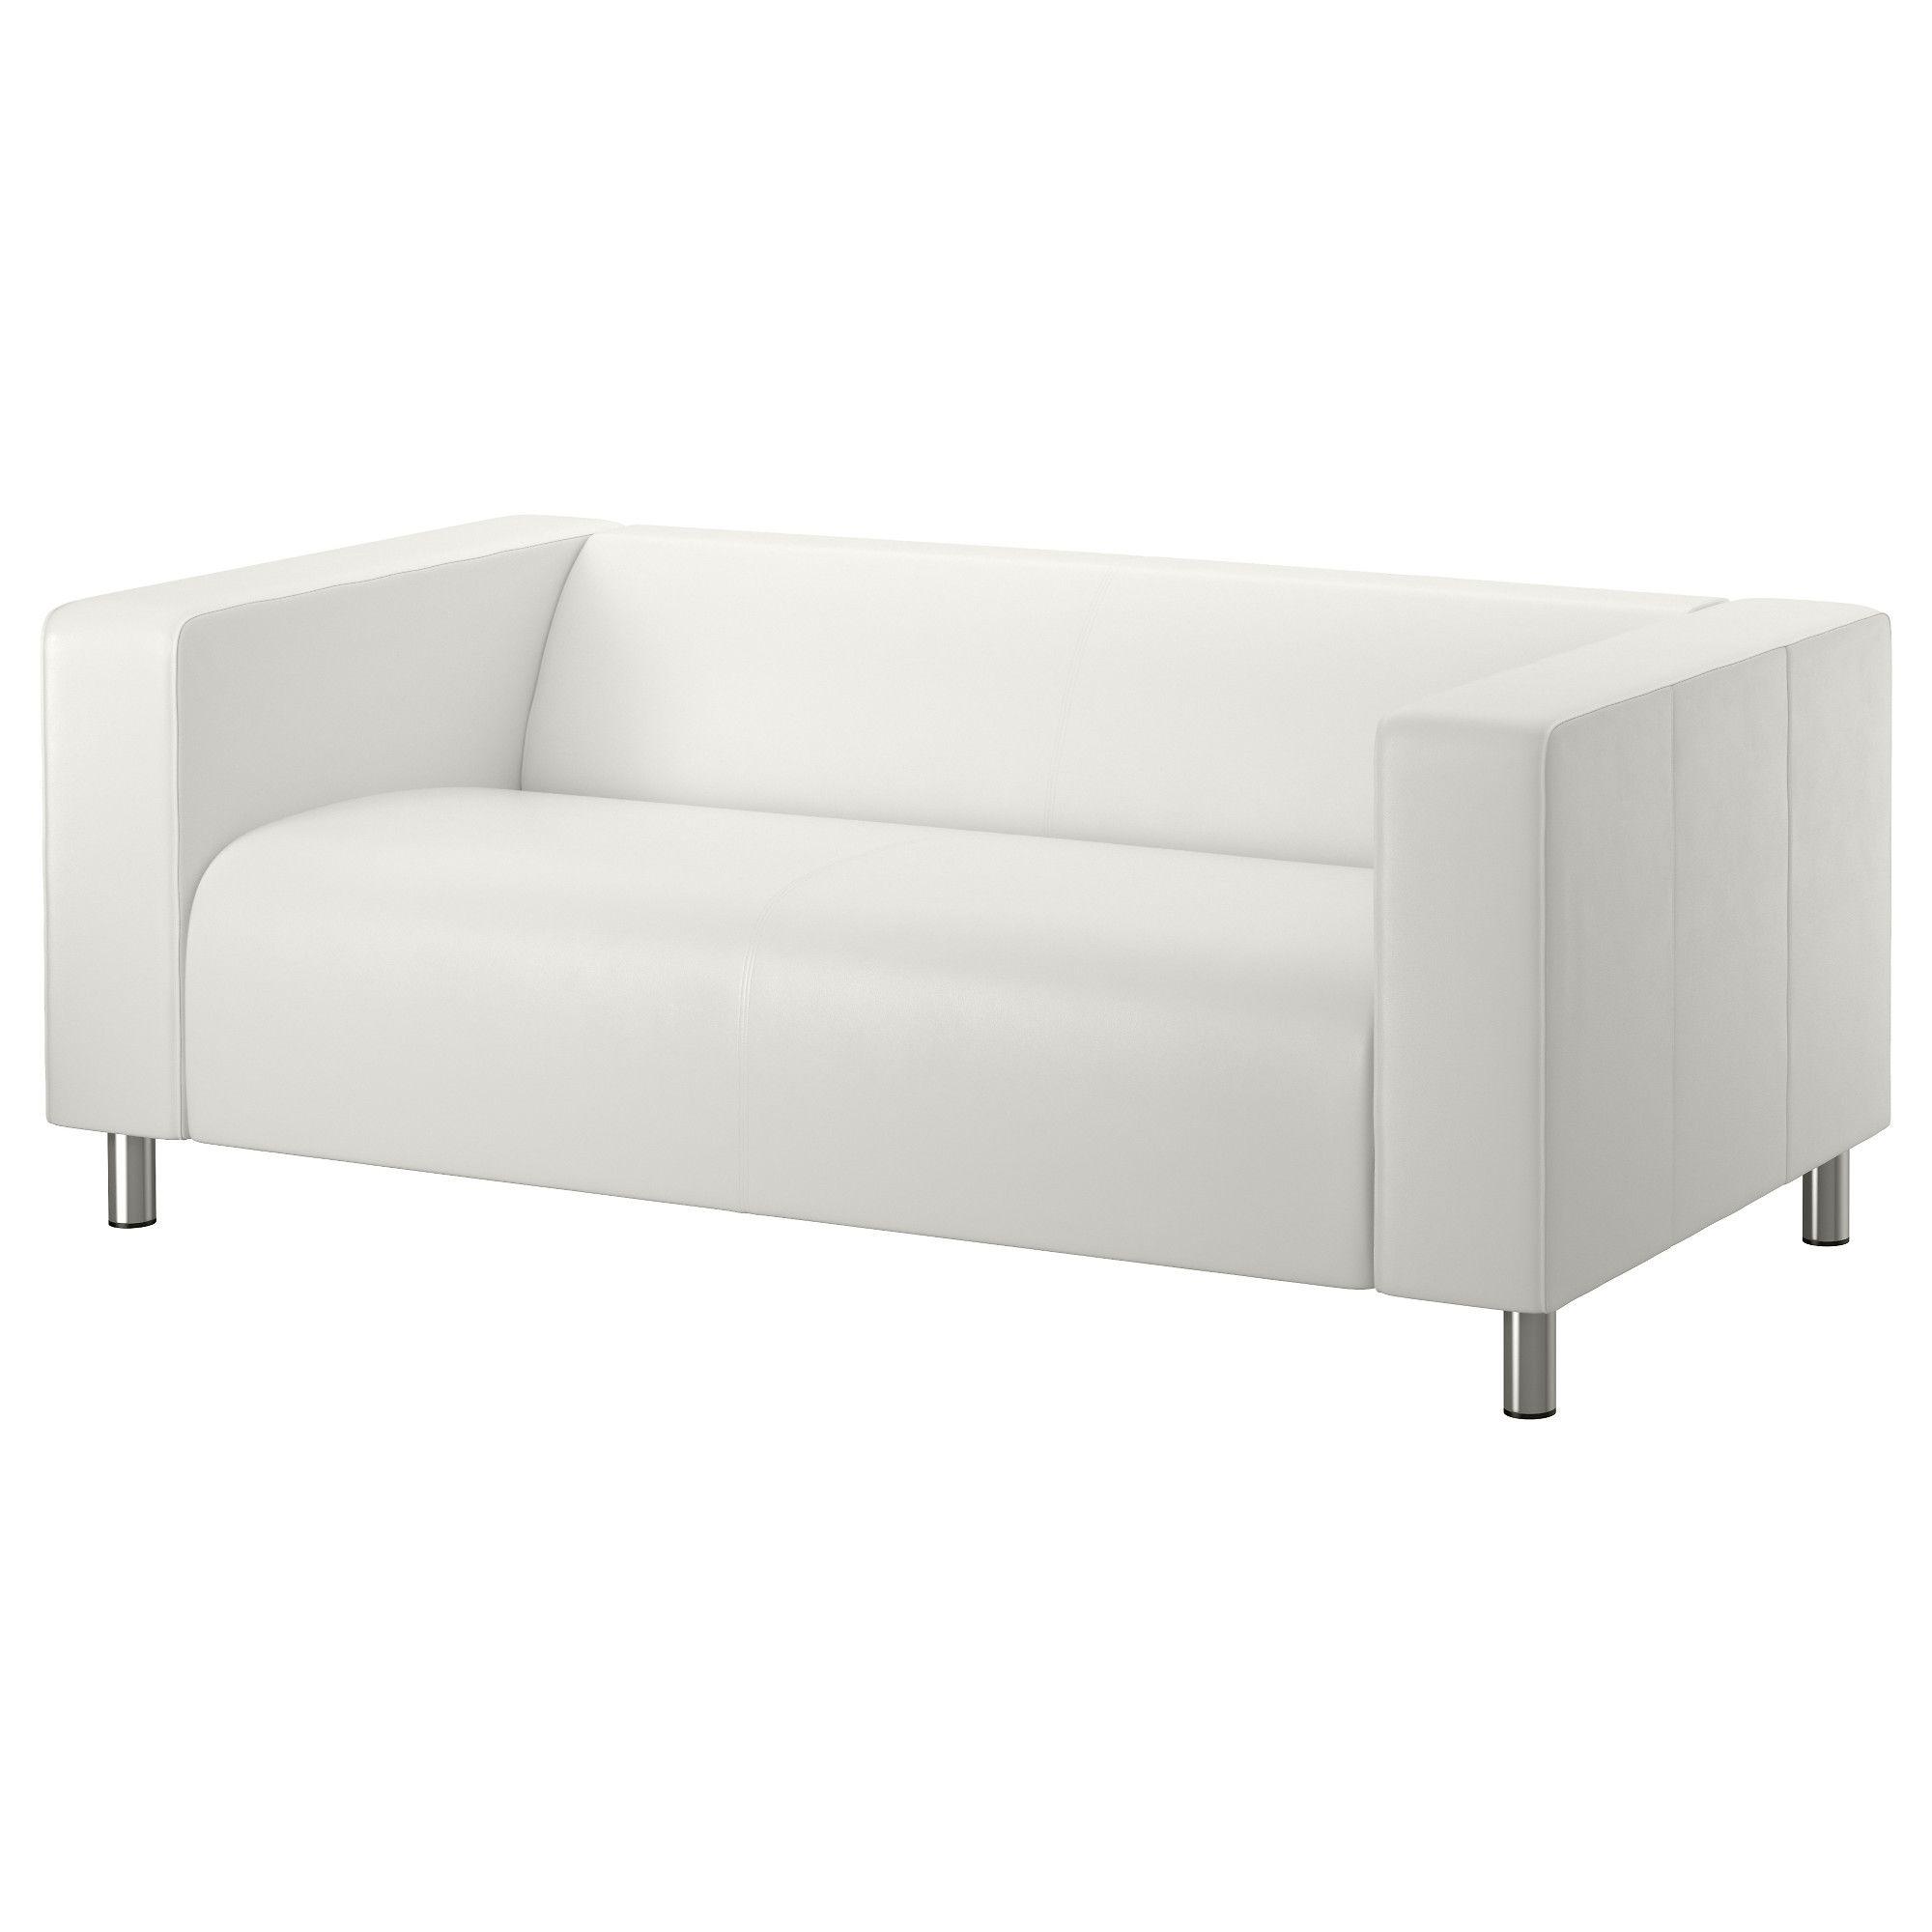 Furniture and Home Furnishings | White rooms | Ikea sofa ...